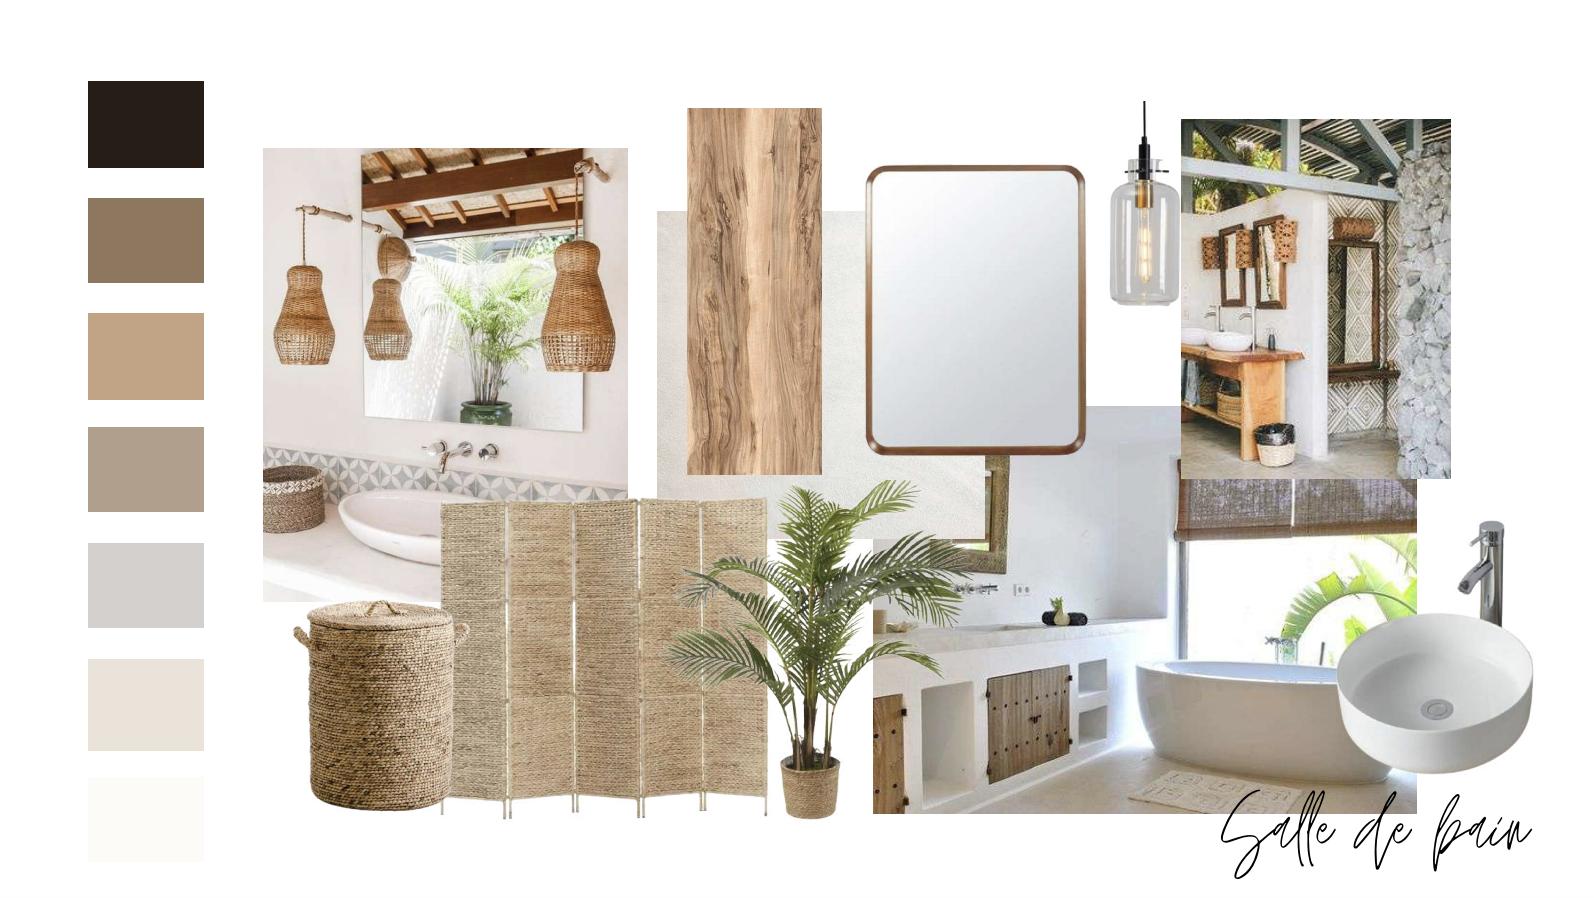 ambiance boheme planche tendance salle de bain matériaux couleurs inspiration béton ciré naturel mosaïque